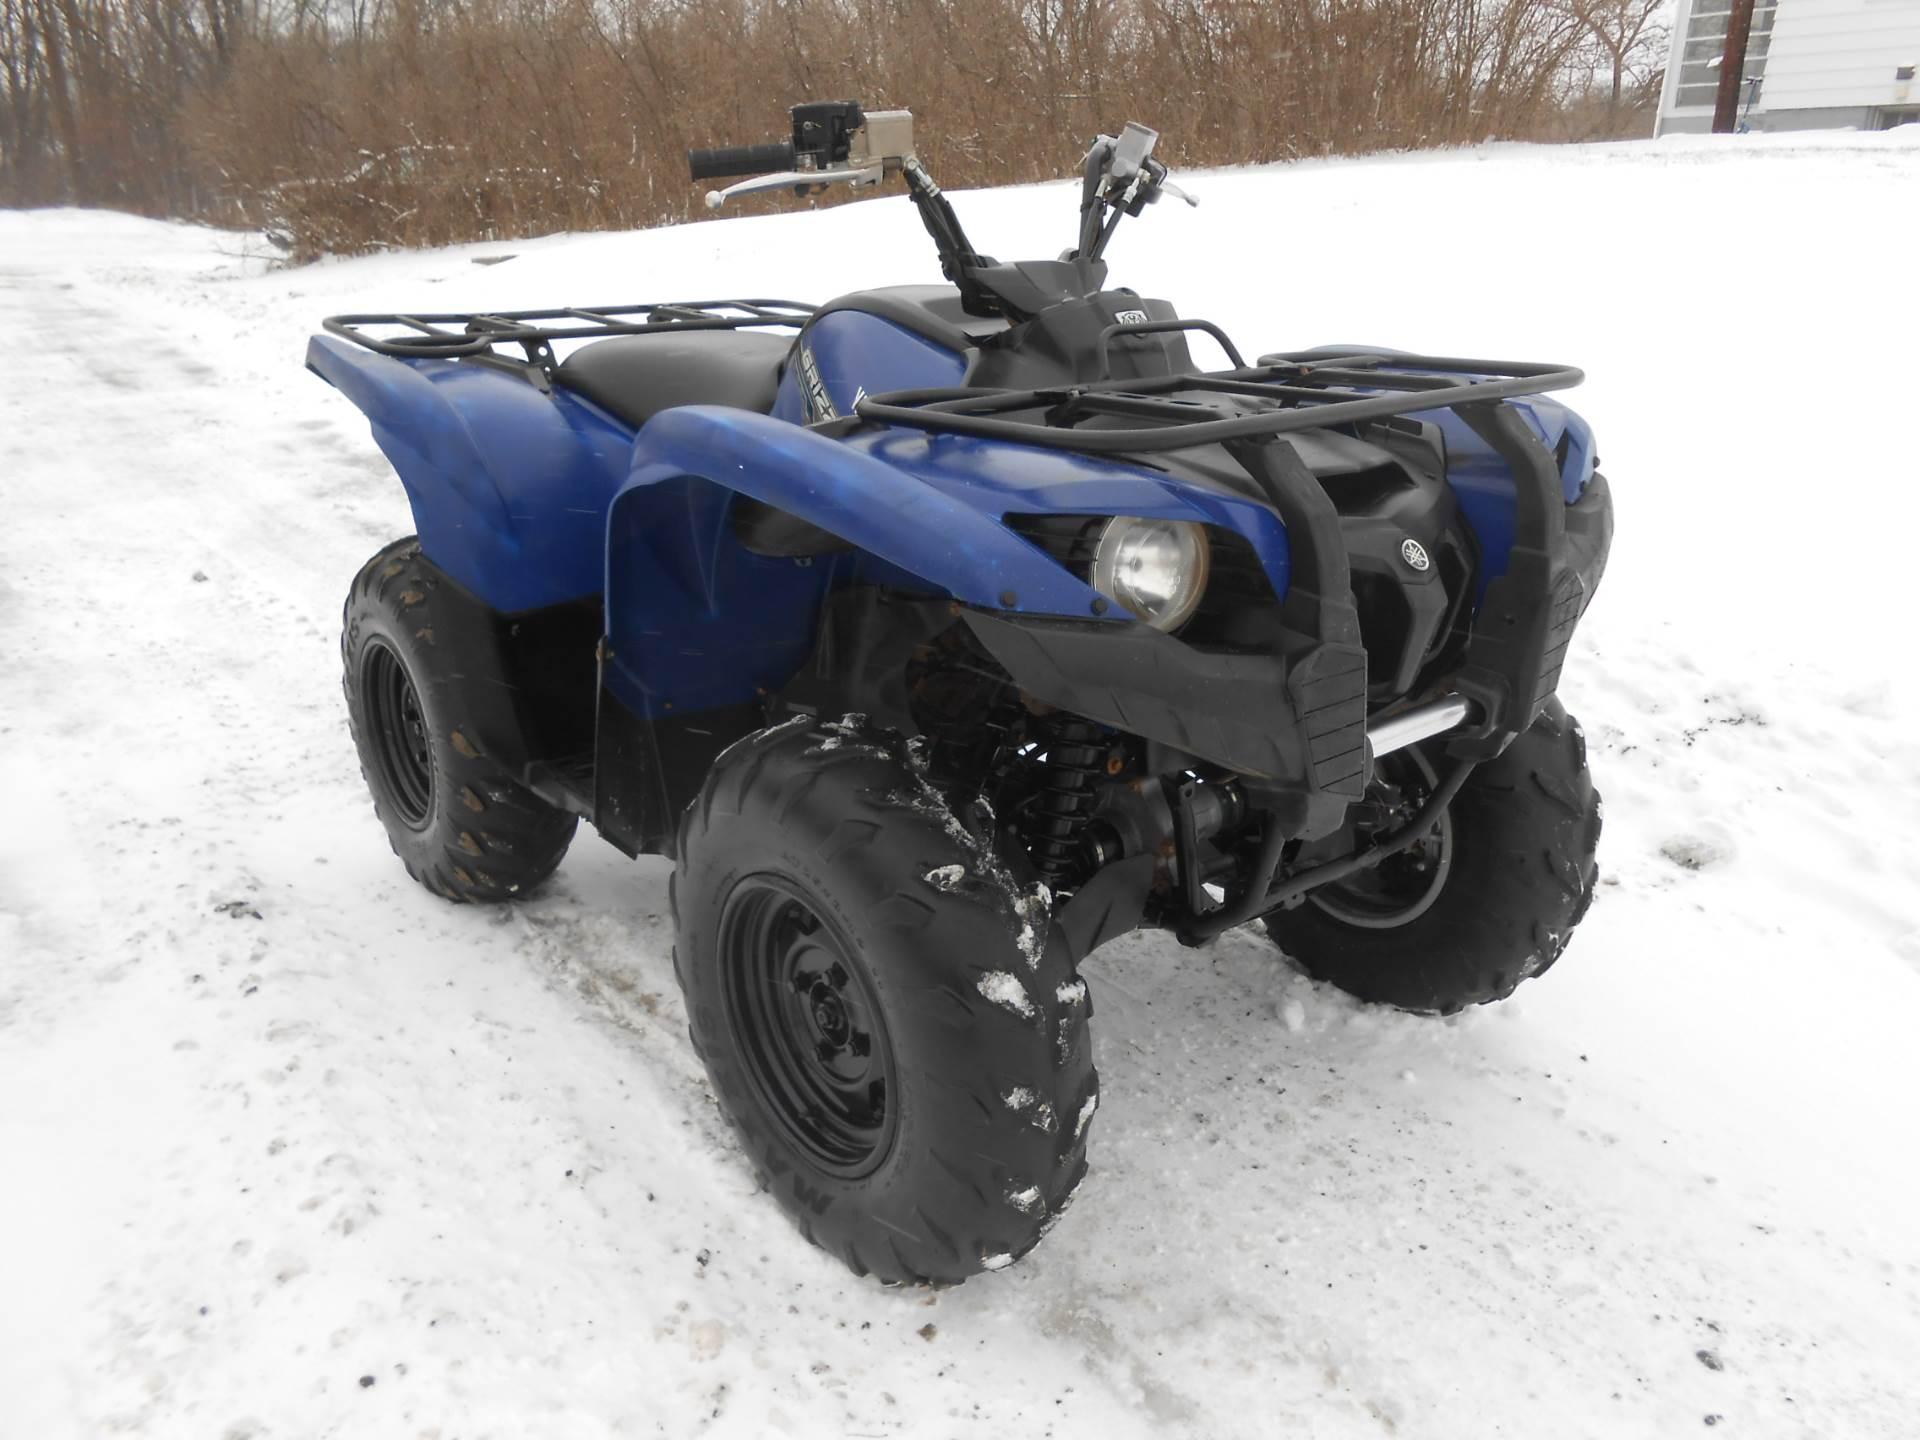 2012 Grizzly 700 FI Auto. 4x4 EPS